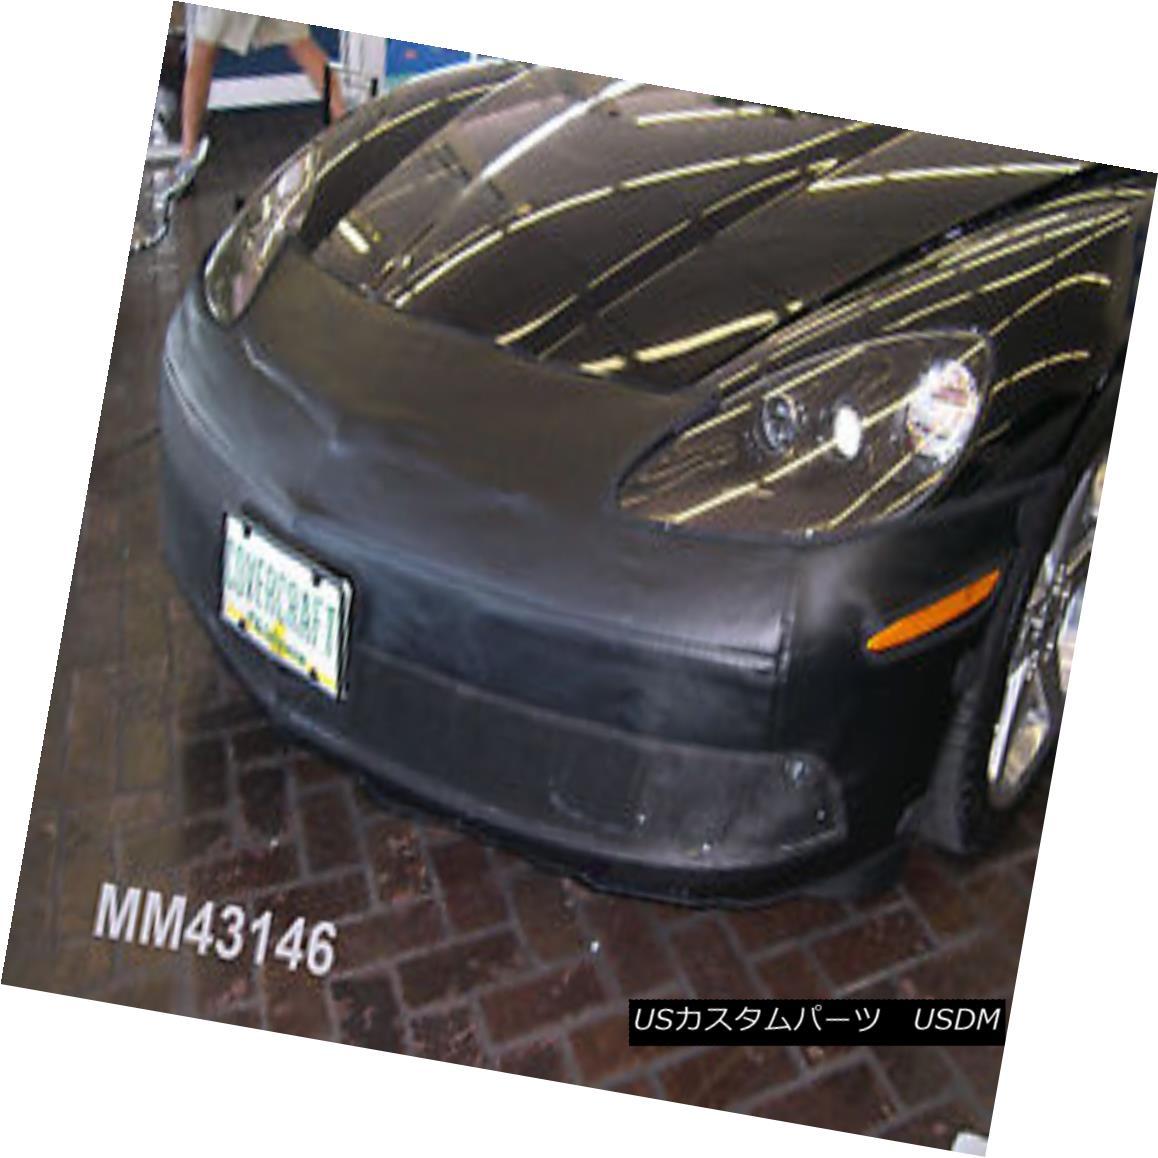 フルブラ ノーズブラ Front End Mask Bra Fits 2005-2013 Chevy Corvette Single piece design hood opens. フロントエンドマスクブラは2005-2013シーズンのコルベットにフィットするシングルピースのデザインフードが開きます。